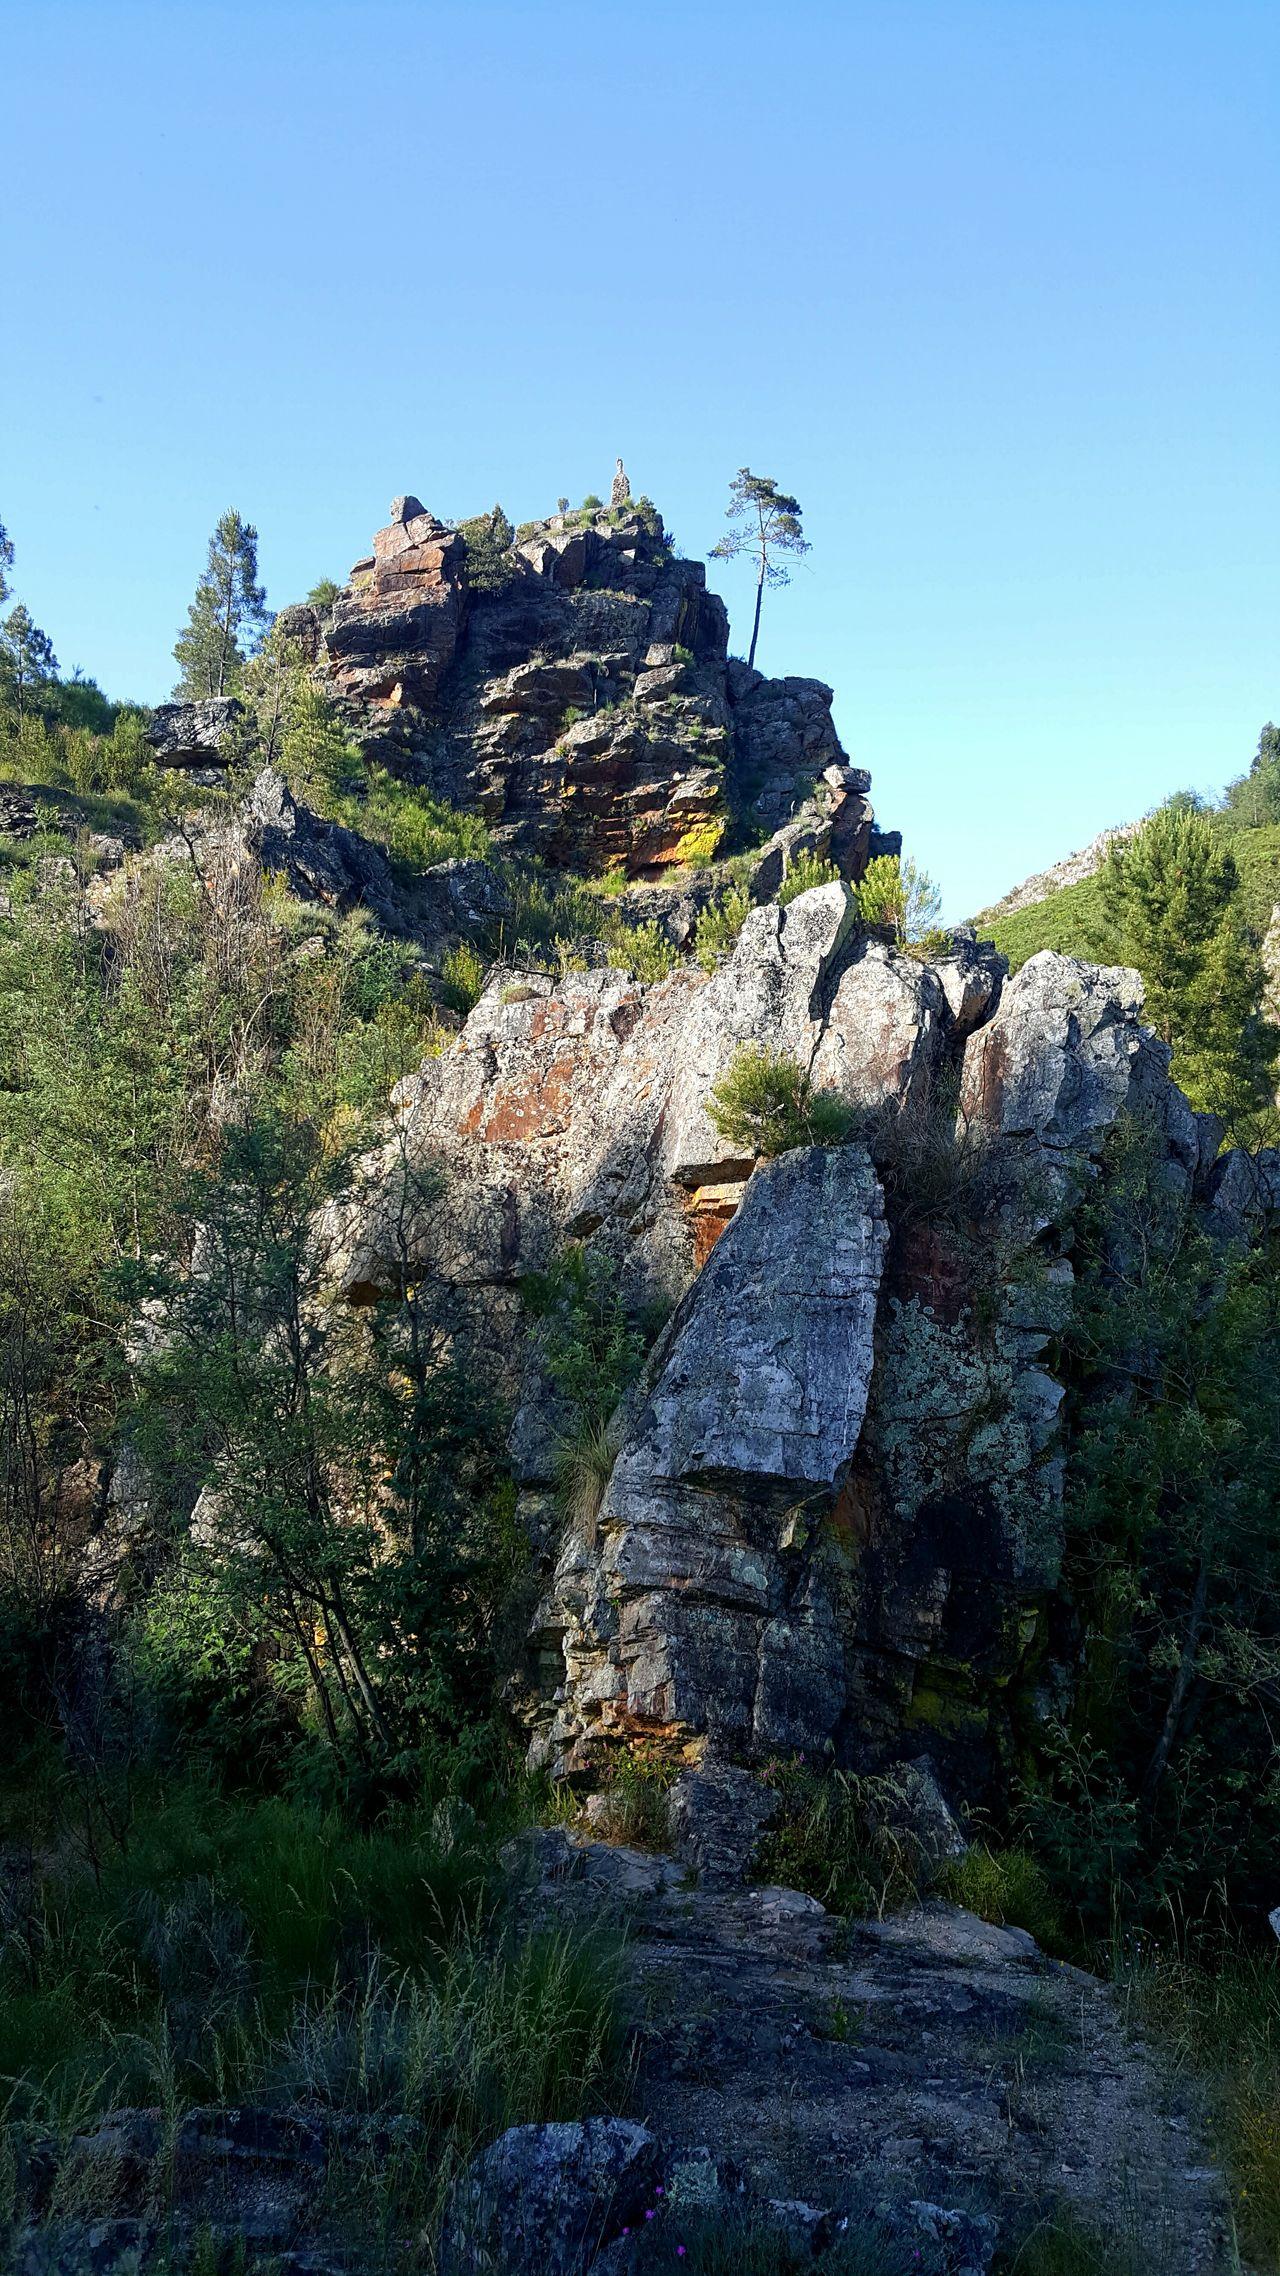 Homemade CascataS Valley Paisagem Barragem Natureza🍁 Natureza 🐦🌳 River Penhasco